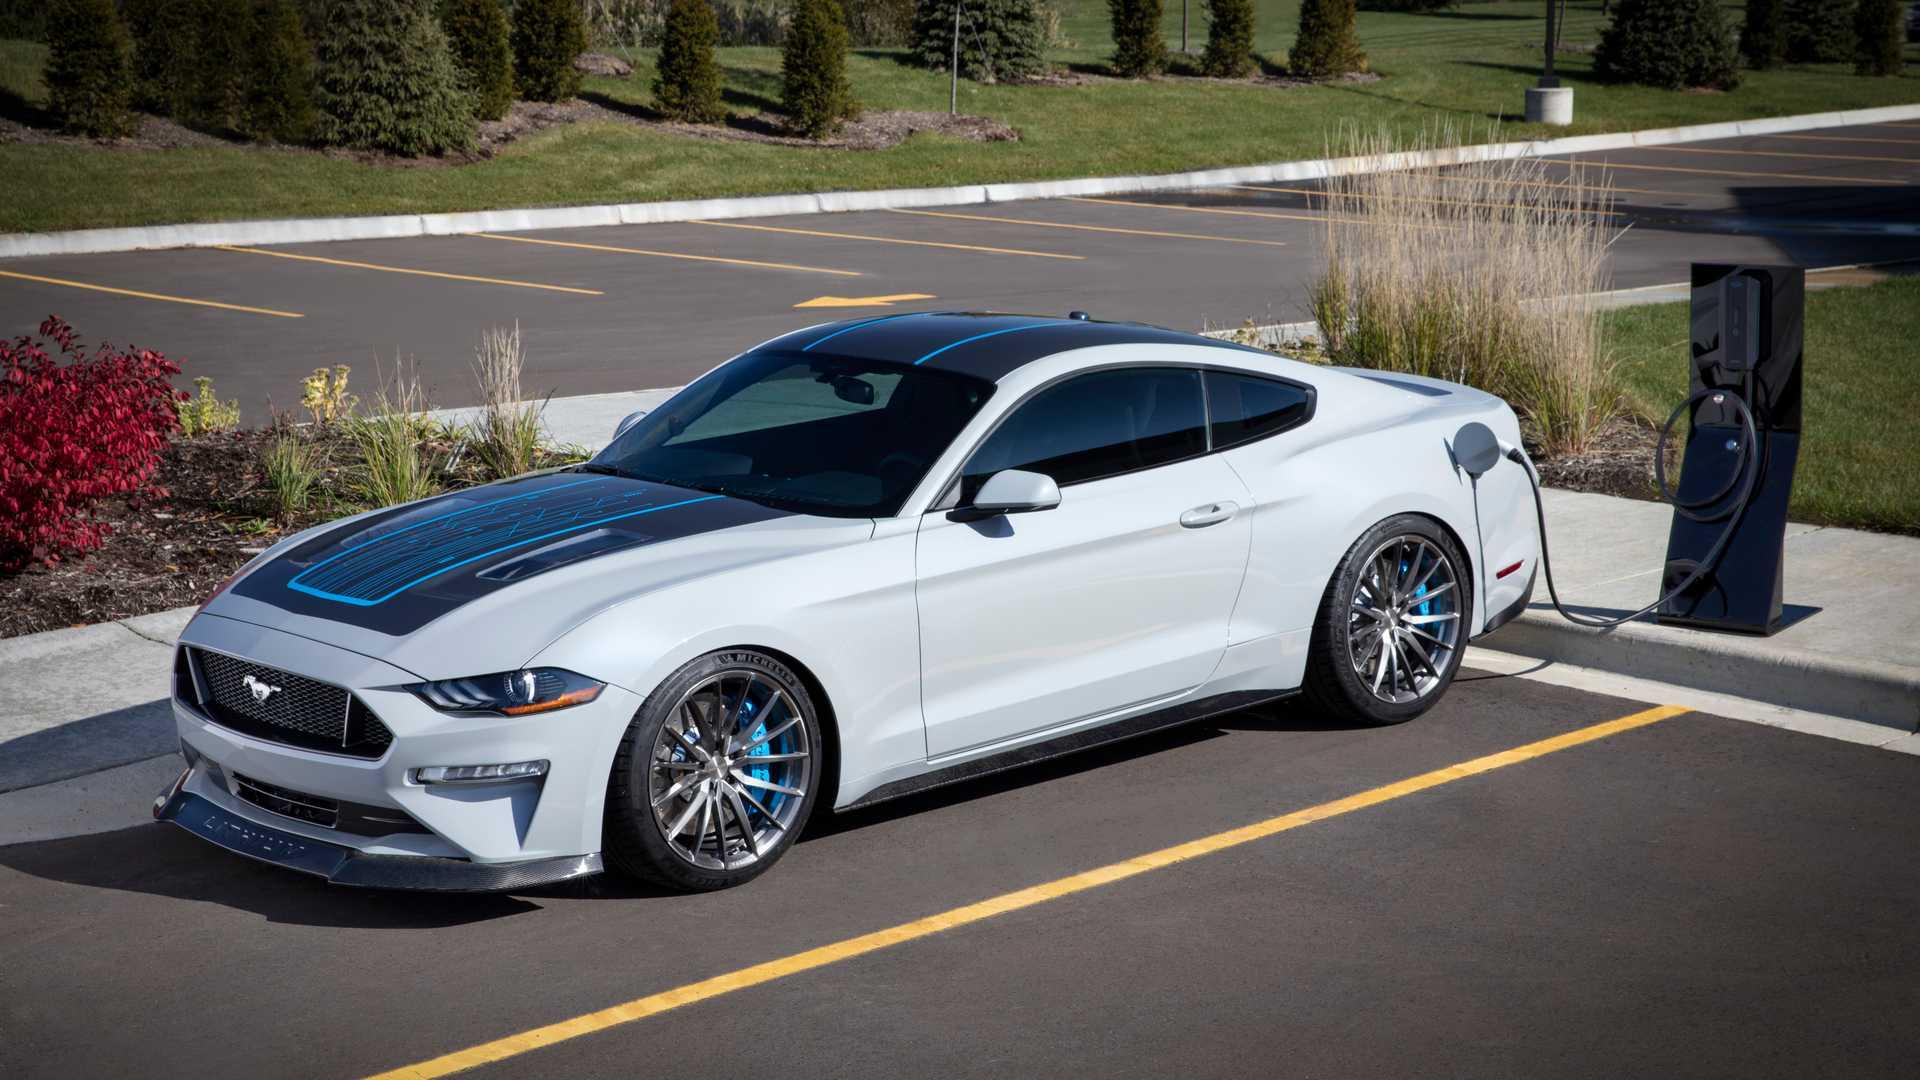 Ford Mustang превратили в 900-сильный электромобиль с «механикой» 1